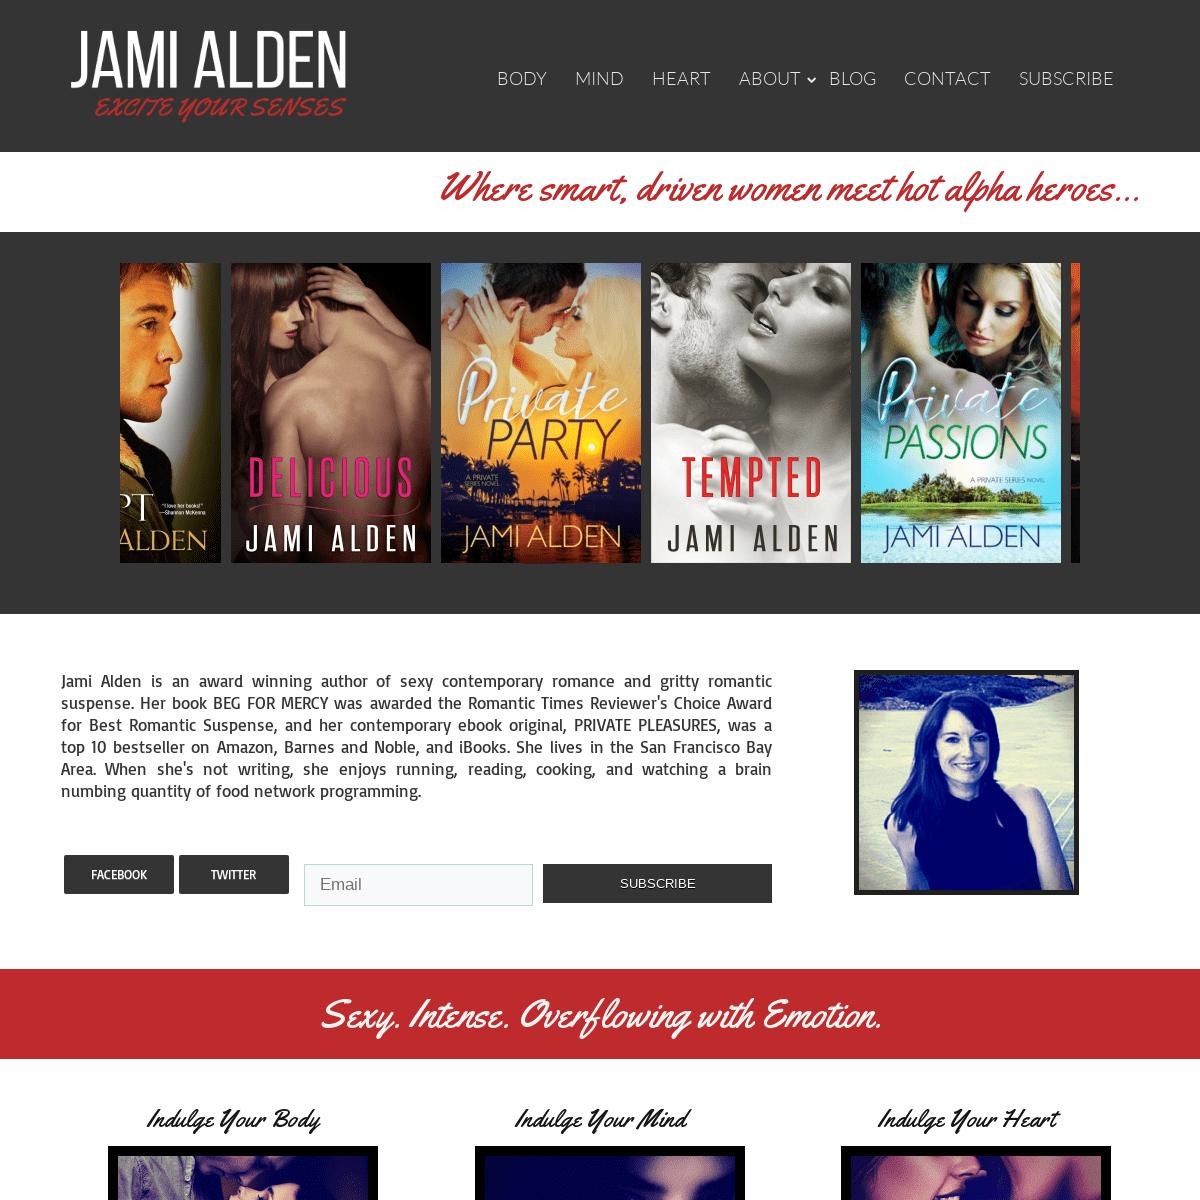 ArchiveBay.com - jamialden.net - Jami Alden – Excite your senses